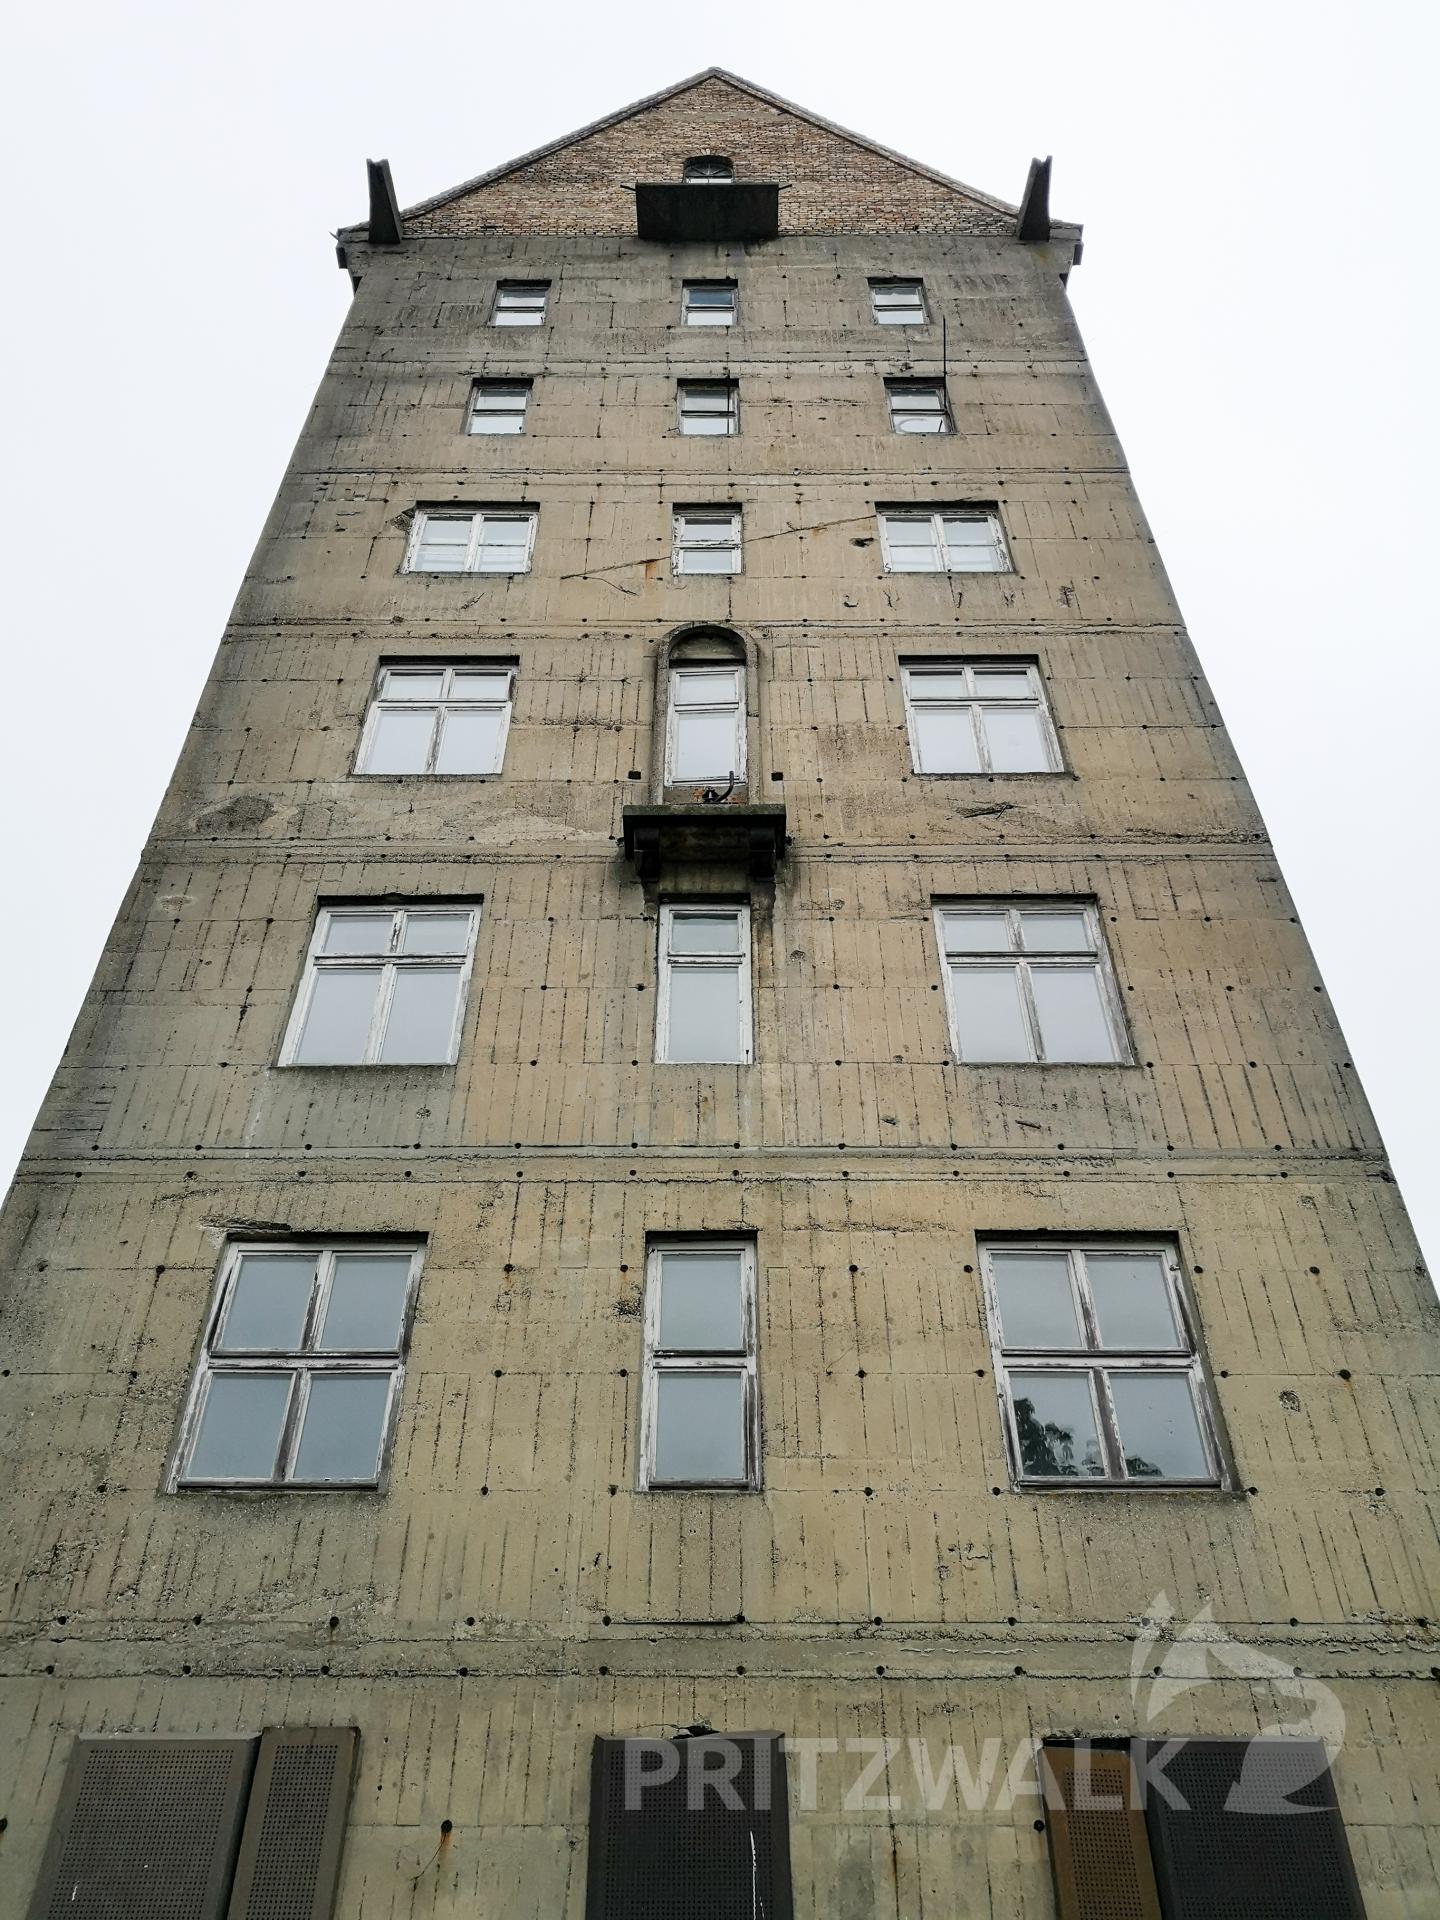 Der Wasserturm steht unter Denkmalschutz. Foto: Beate Vogel